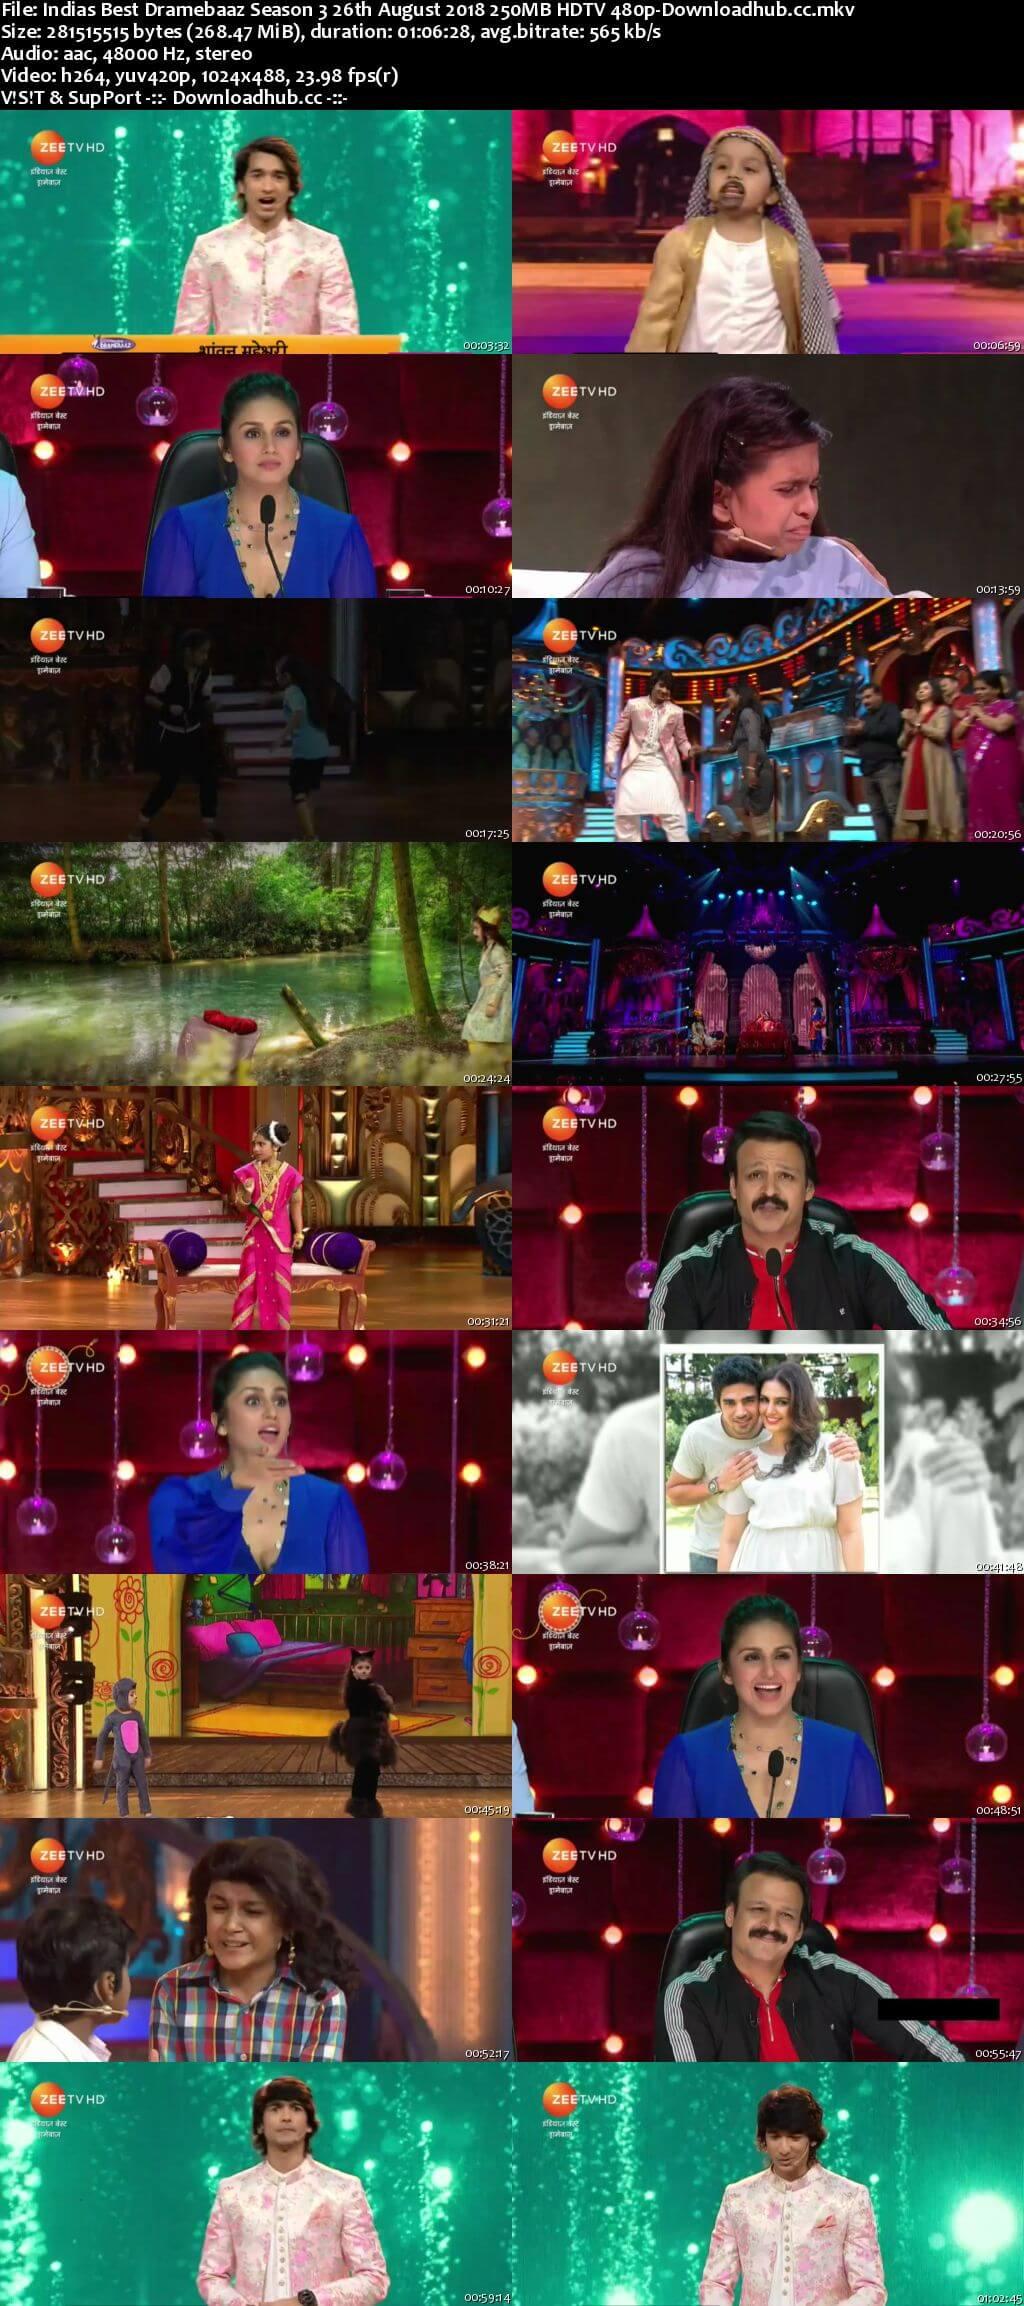 Indias Best Dramebaaz Season 3 26 August 2018 Episode 18 HDTV 480p